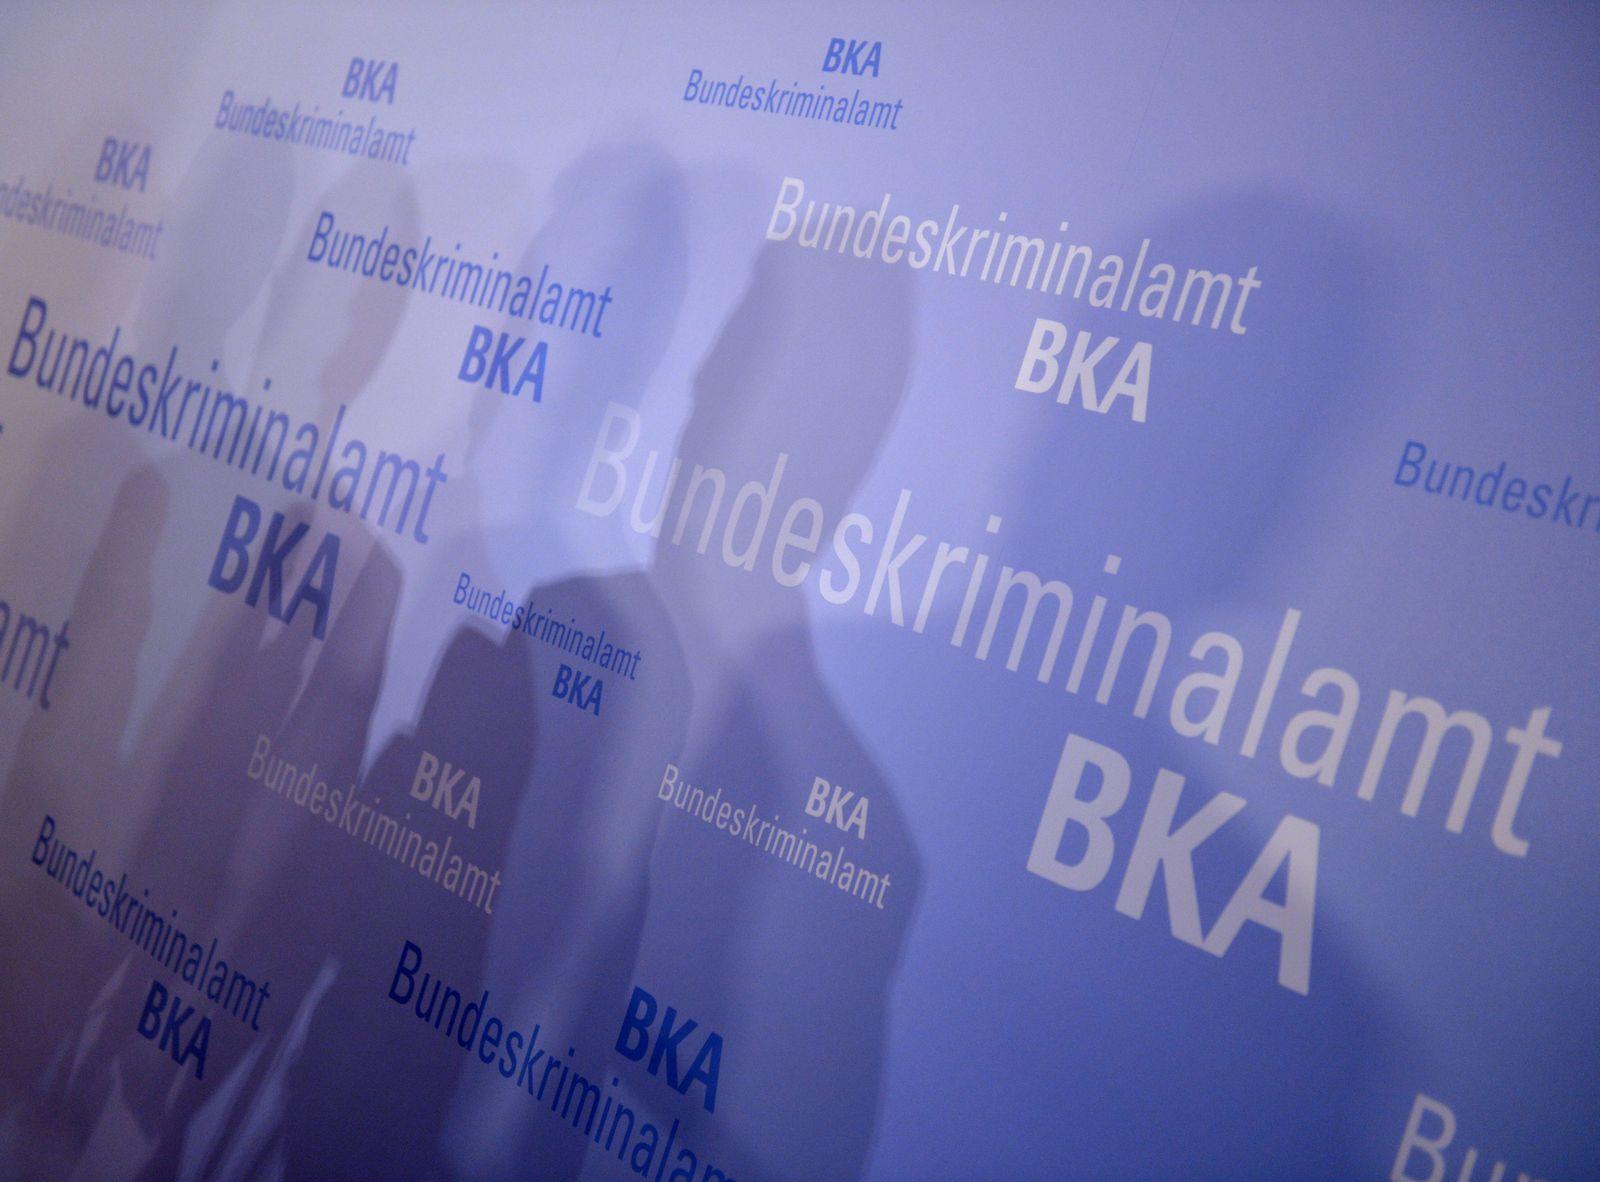 Bundeskriminalamt BKA